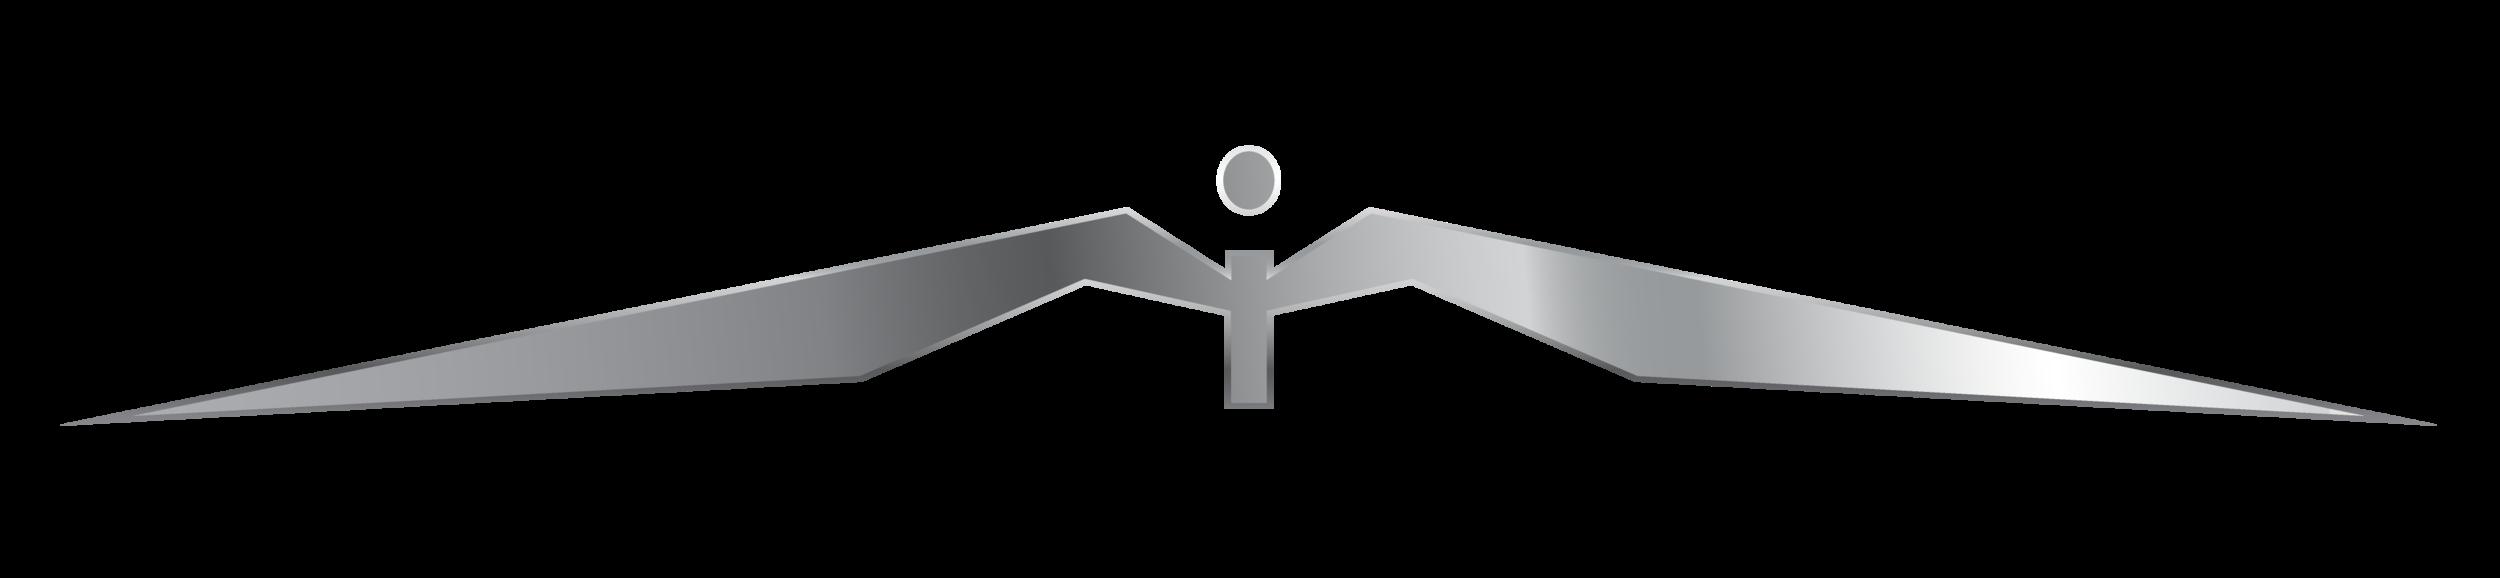 IM-logo-metal_V2.png